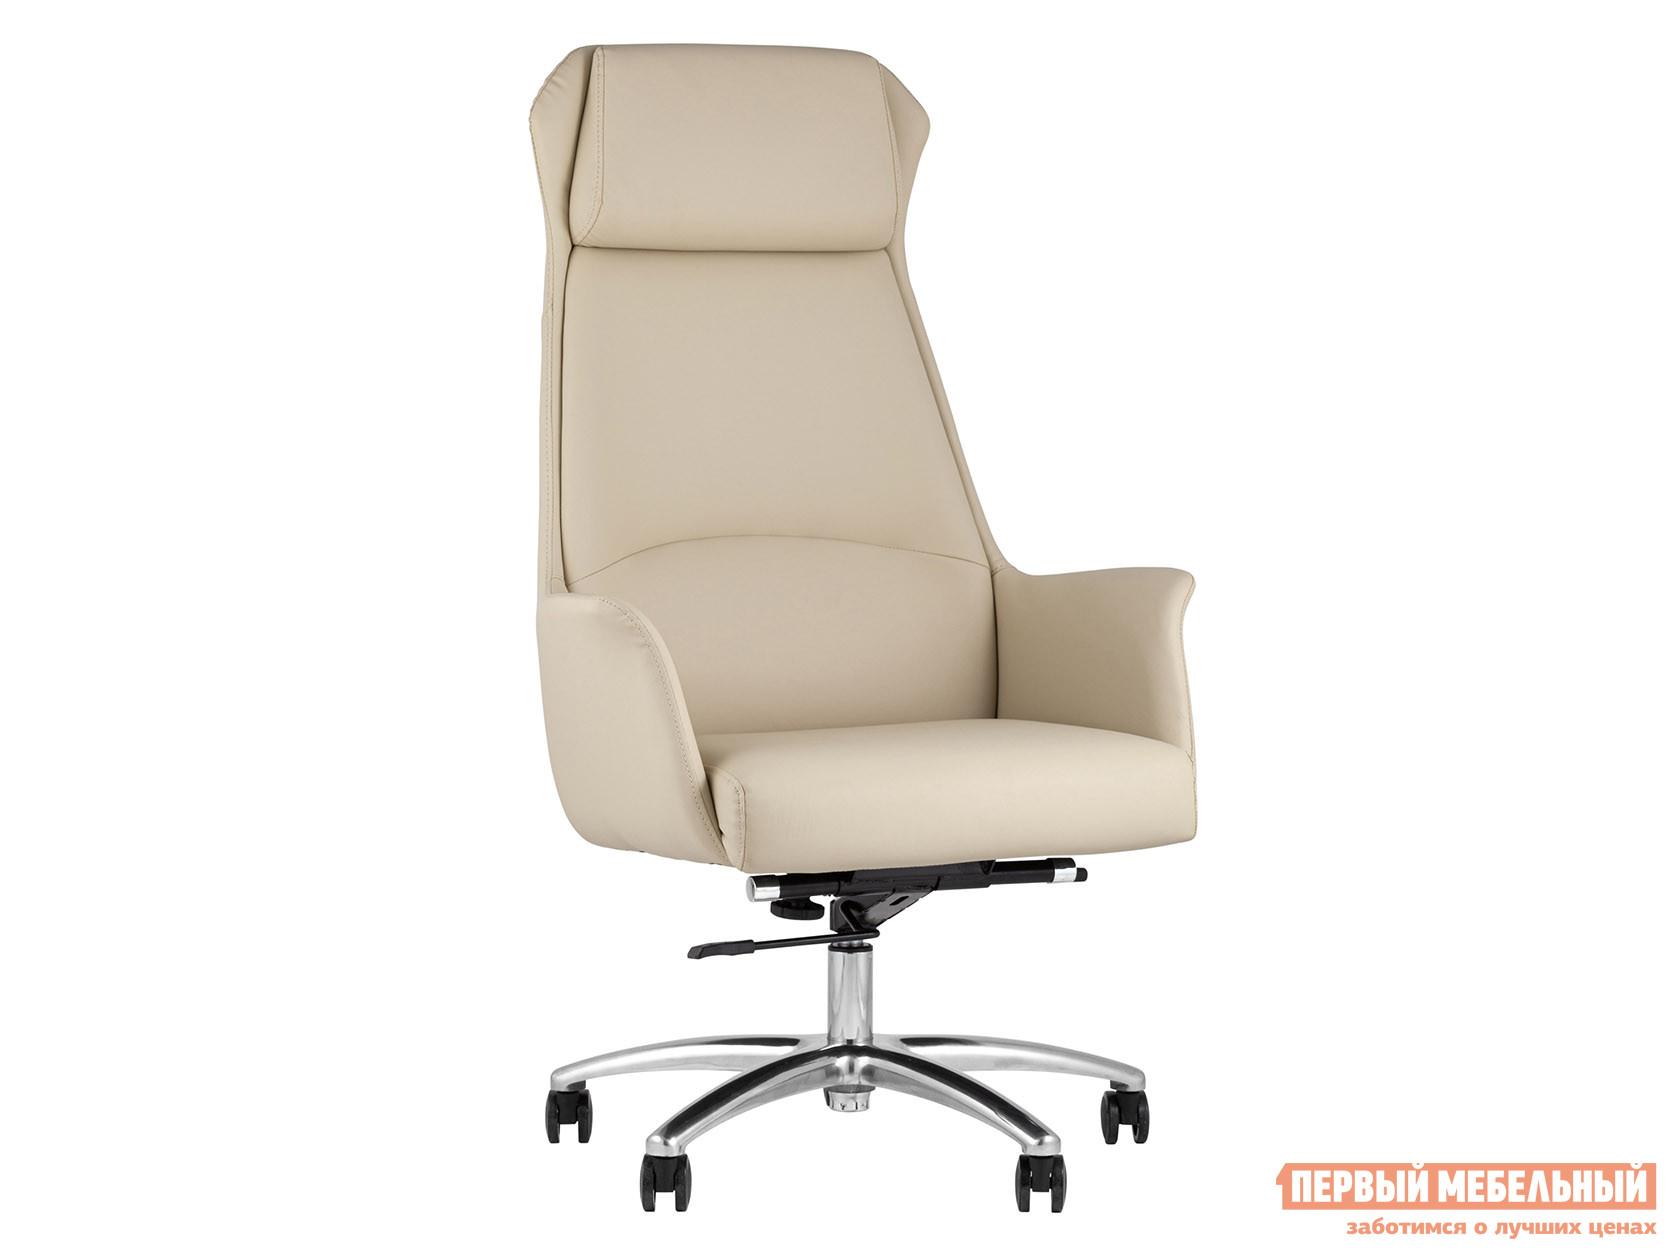 Кресло руководителя Stool Group Кресло руководителя TopChairs Viking